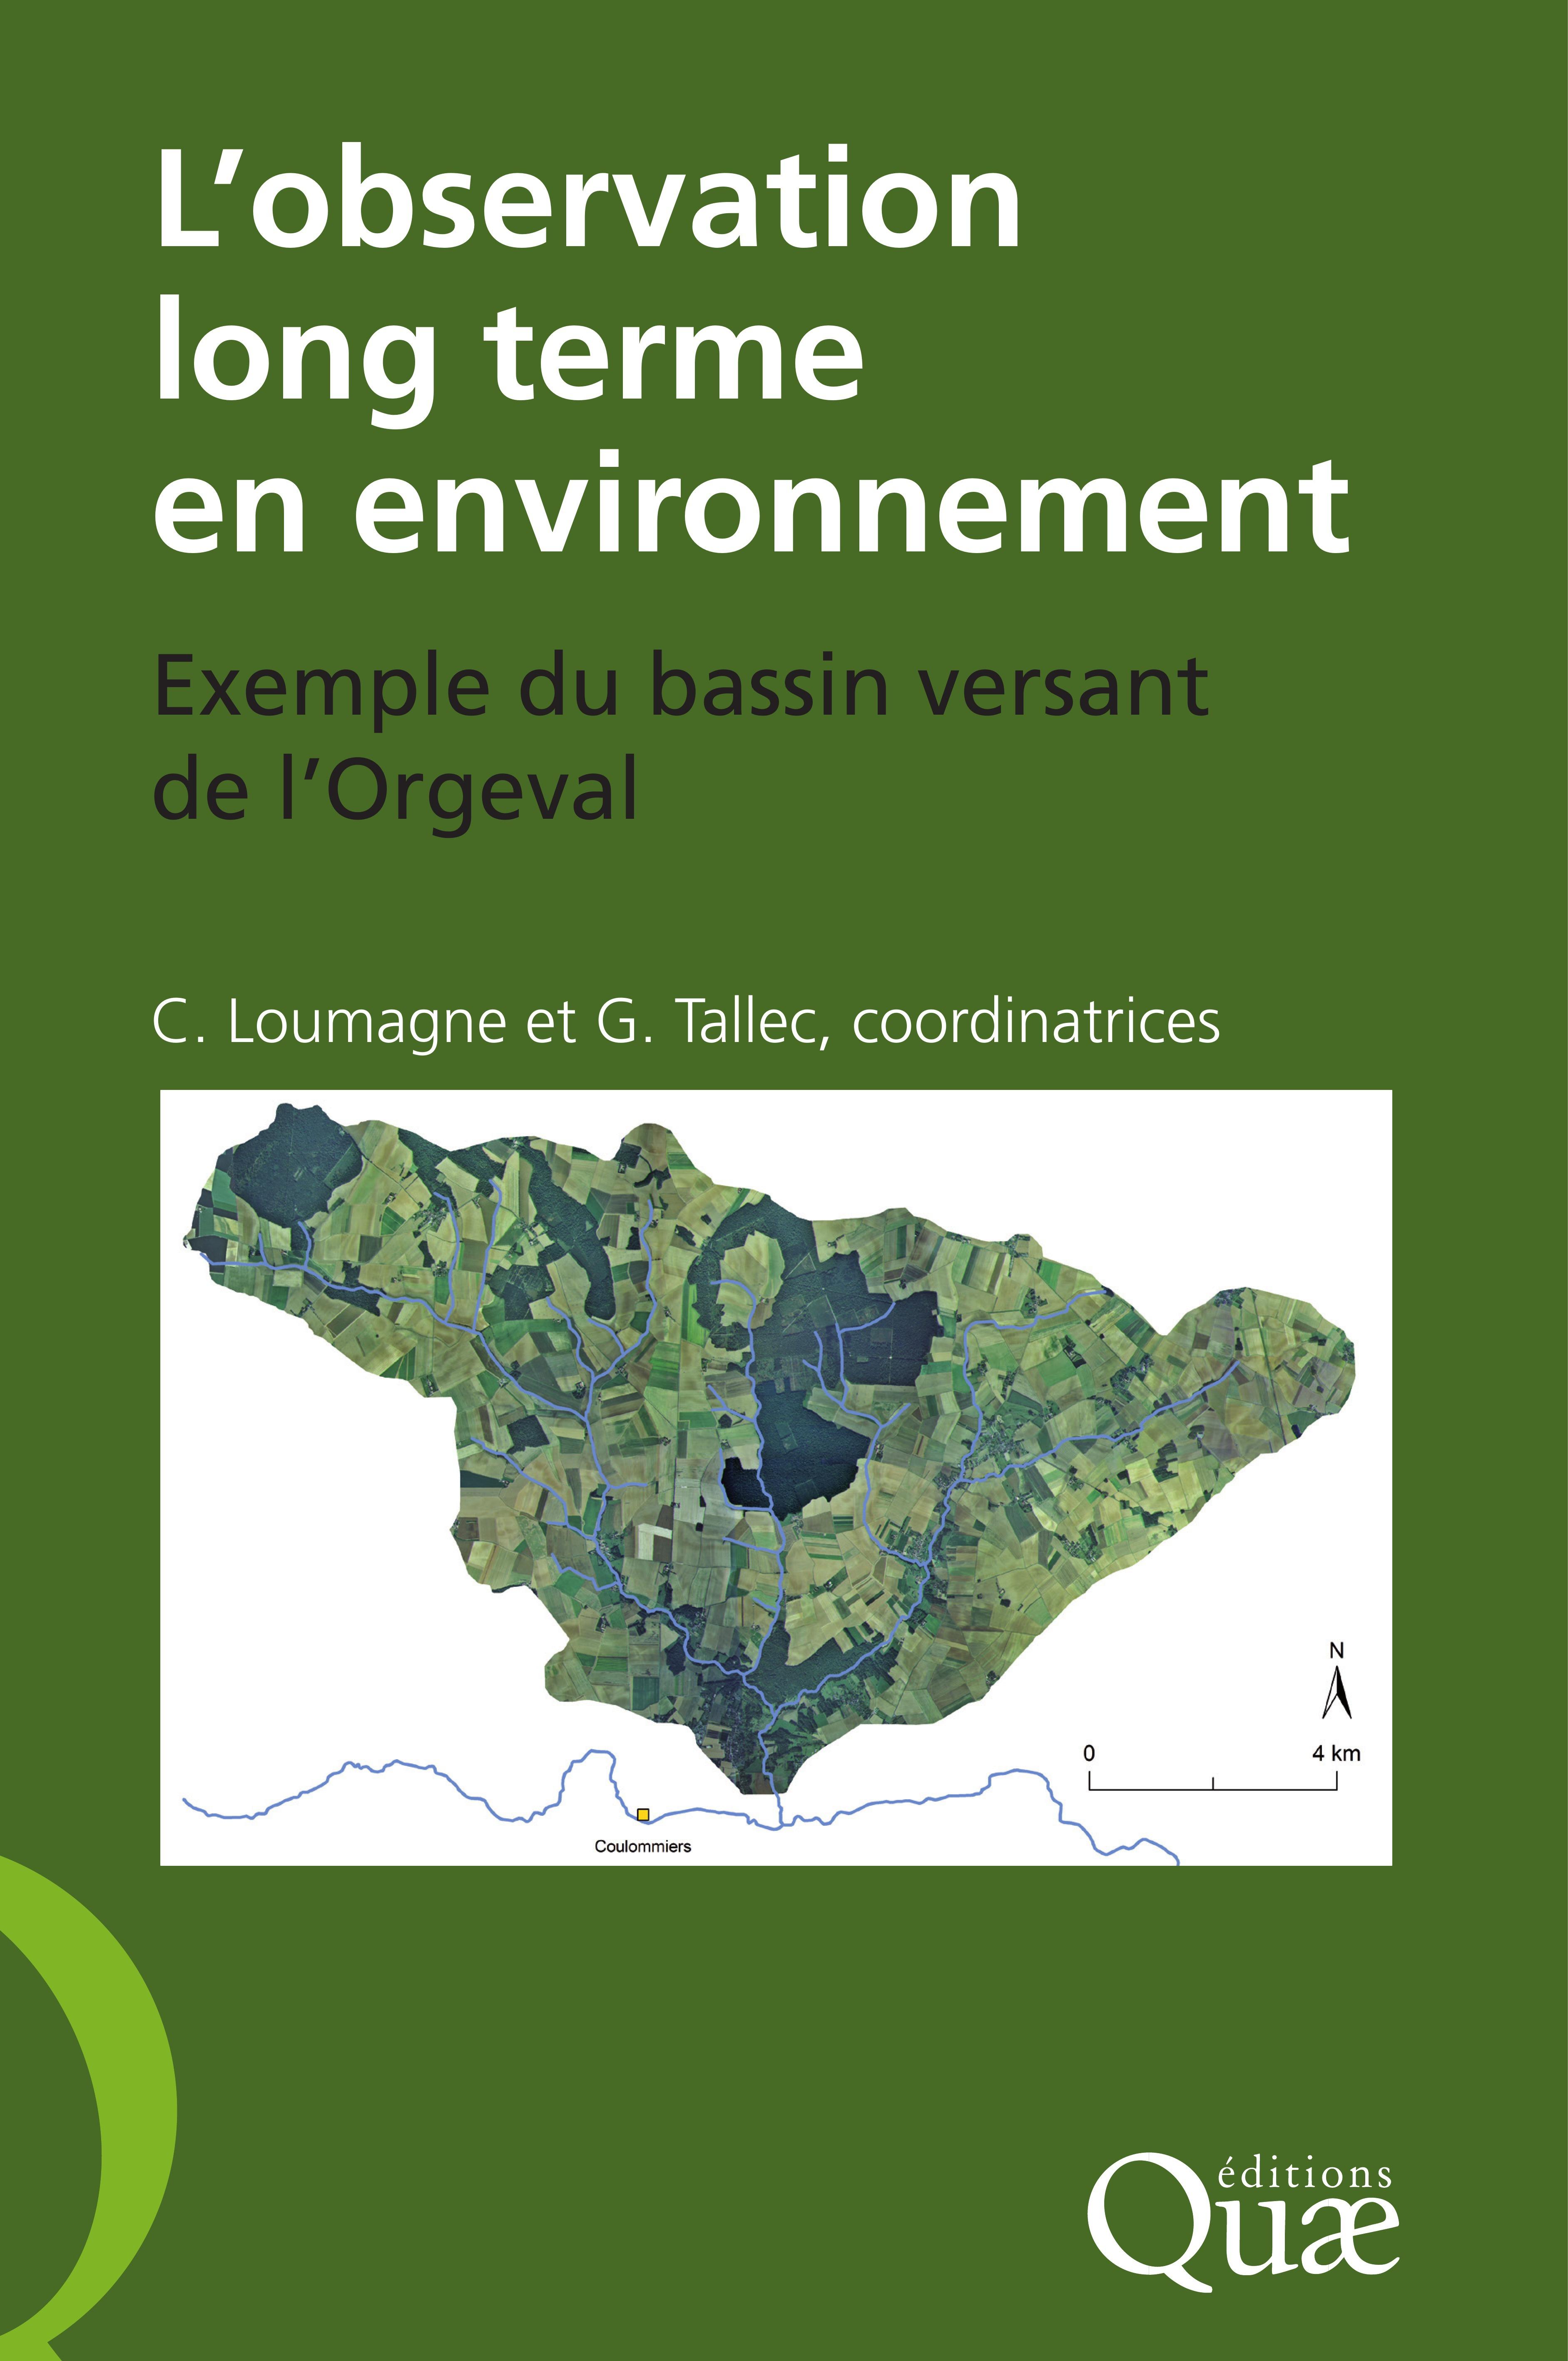 L'observation long terme en environnement ; exemple du bassin versant de l'Orgeval